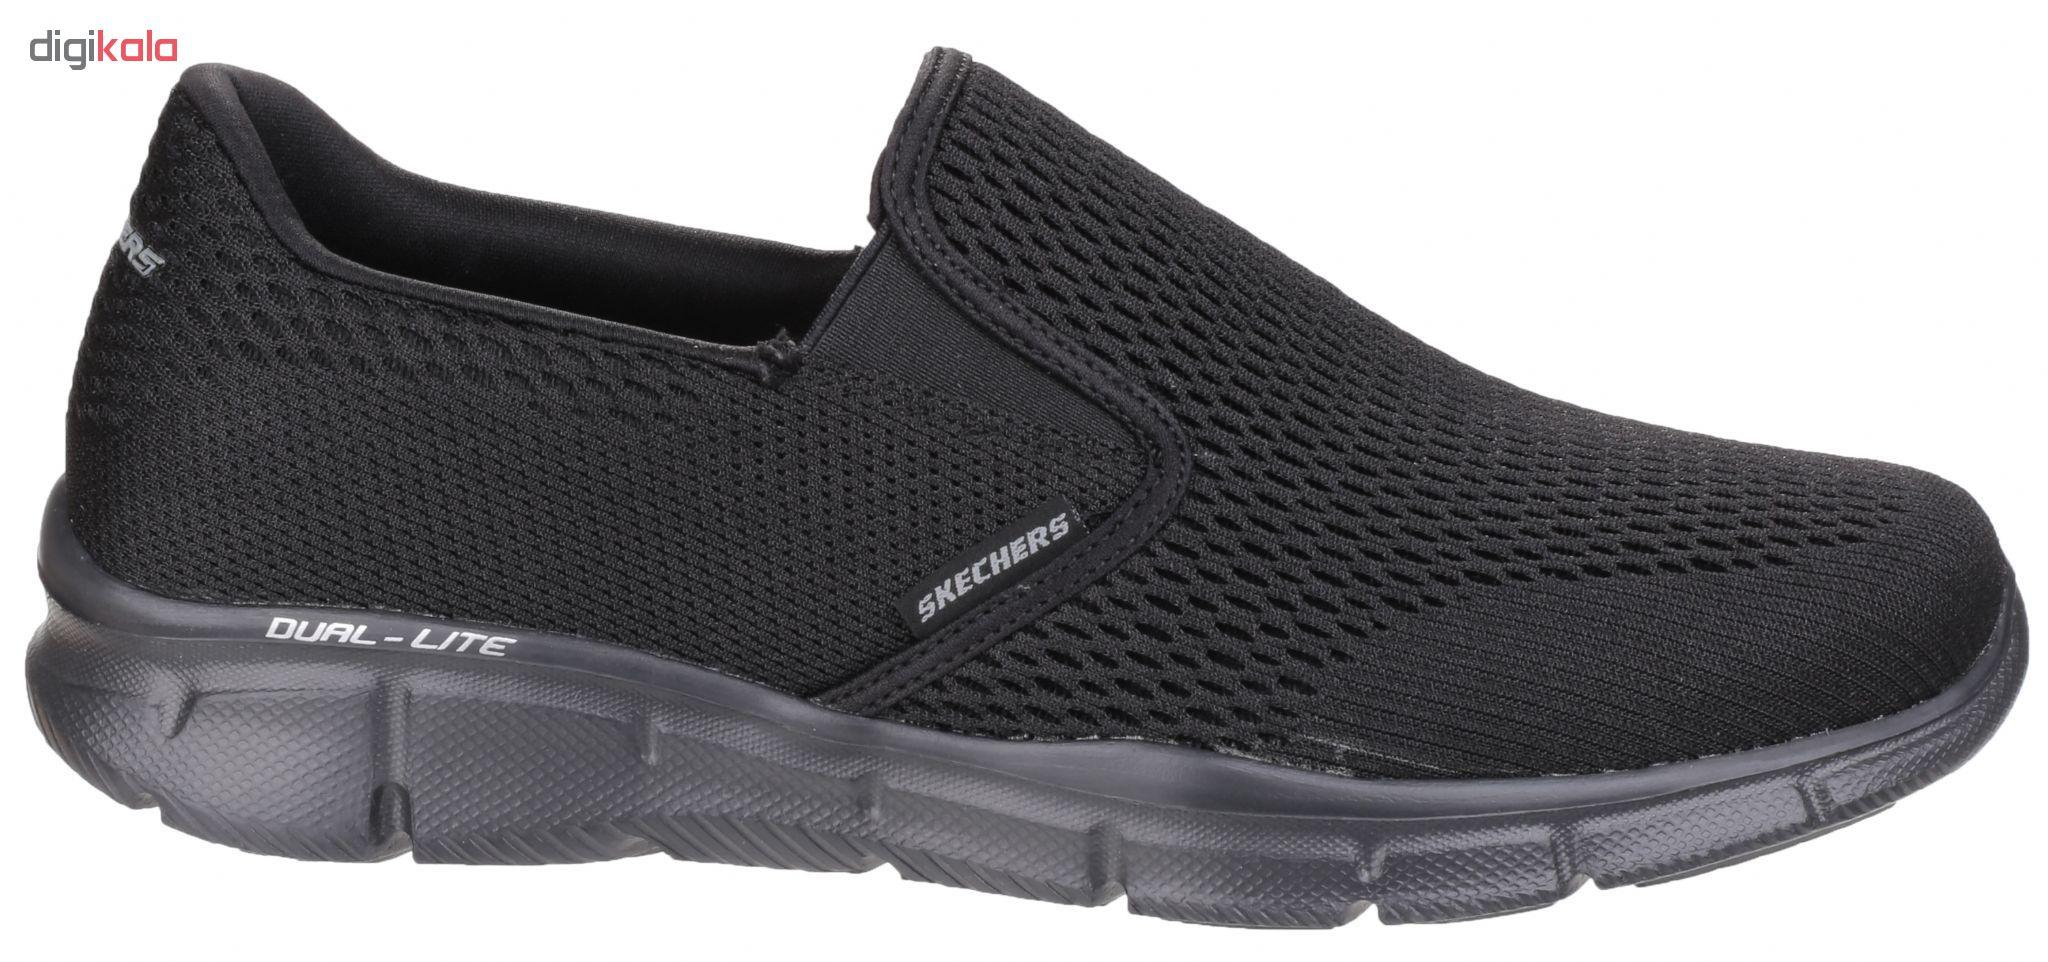 کفش مخصوص پیاده روی مردانه اسکچرز مدل 51509 BBK